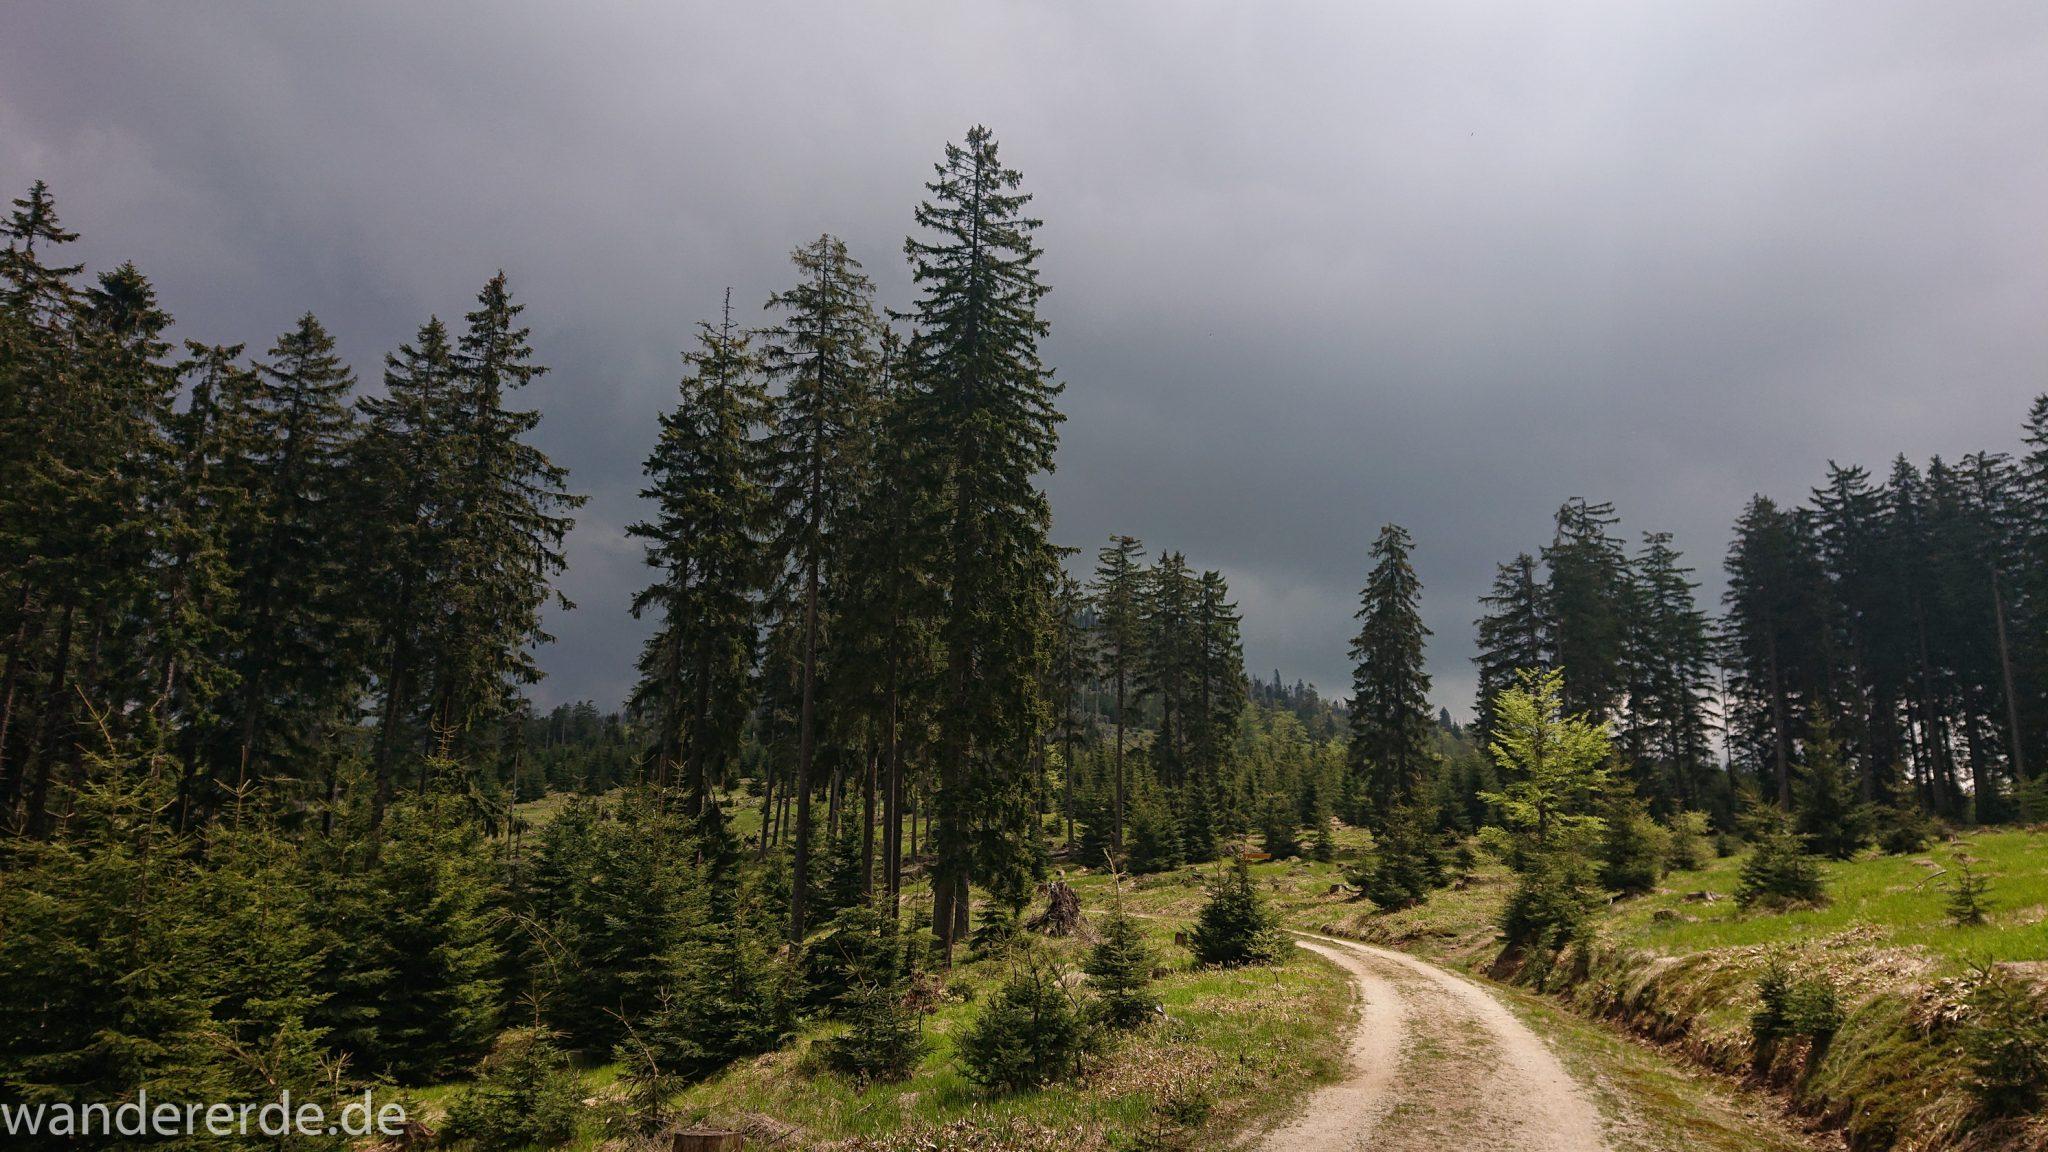 Wanderung Großer Rachel im Nationalpark Bayerischer Wald, Start Parkplatz Oberfrauenau, abwechslungsreicher naturbelassener Wanderweg auf den Berg Großer Rachel, schöner dichter Wald im Nationalpark Bayerischer Wald